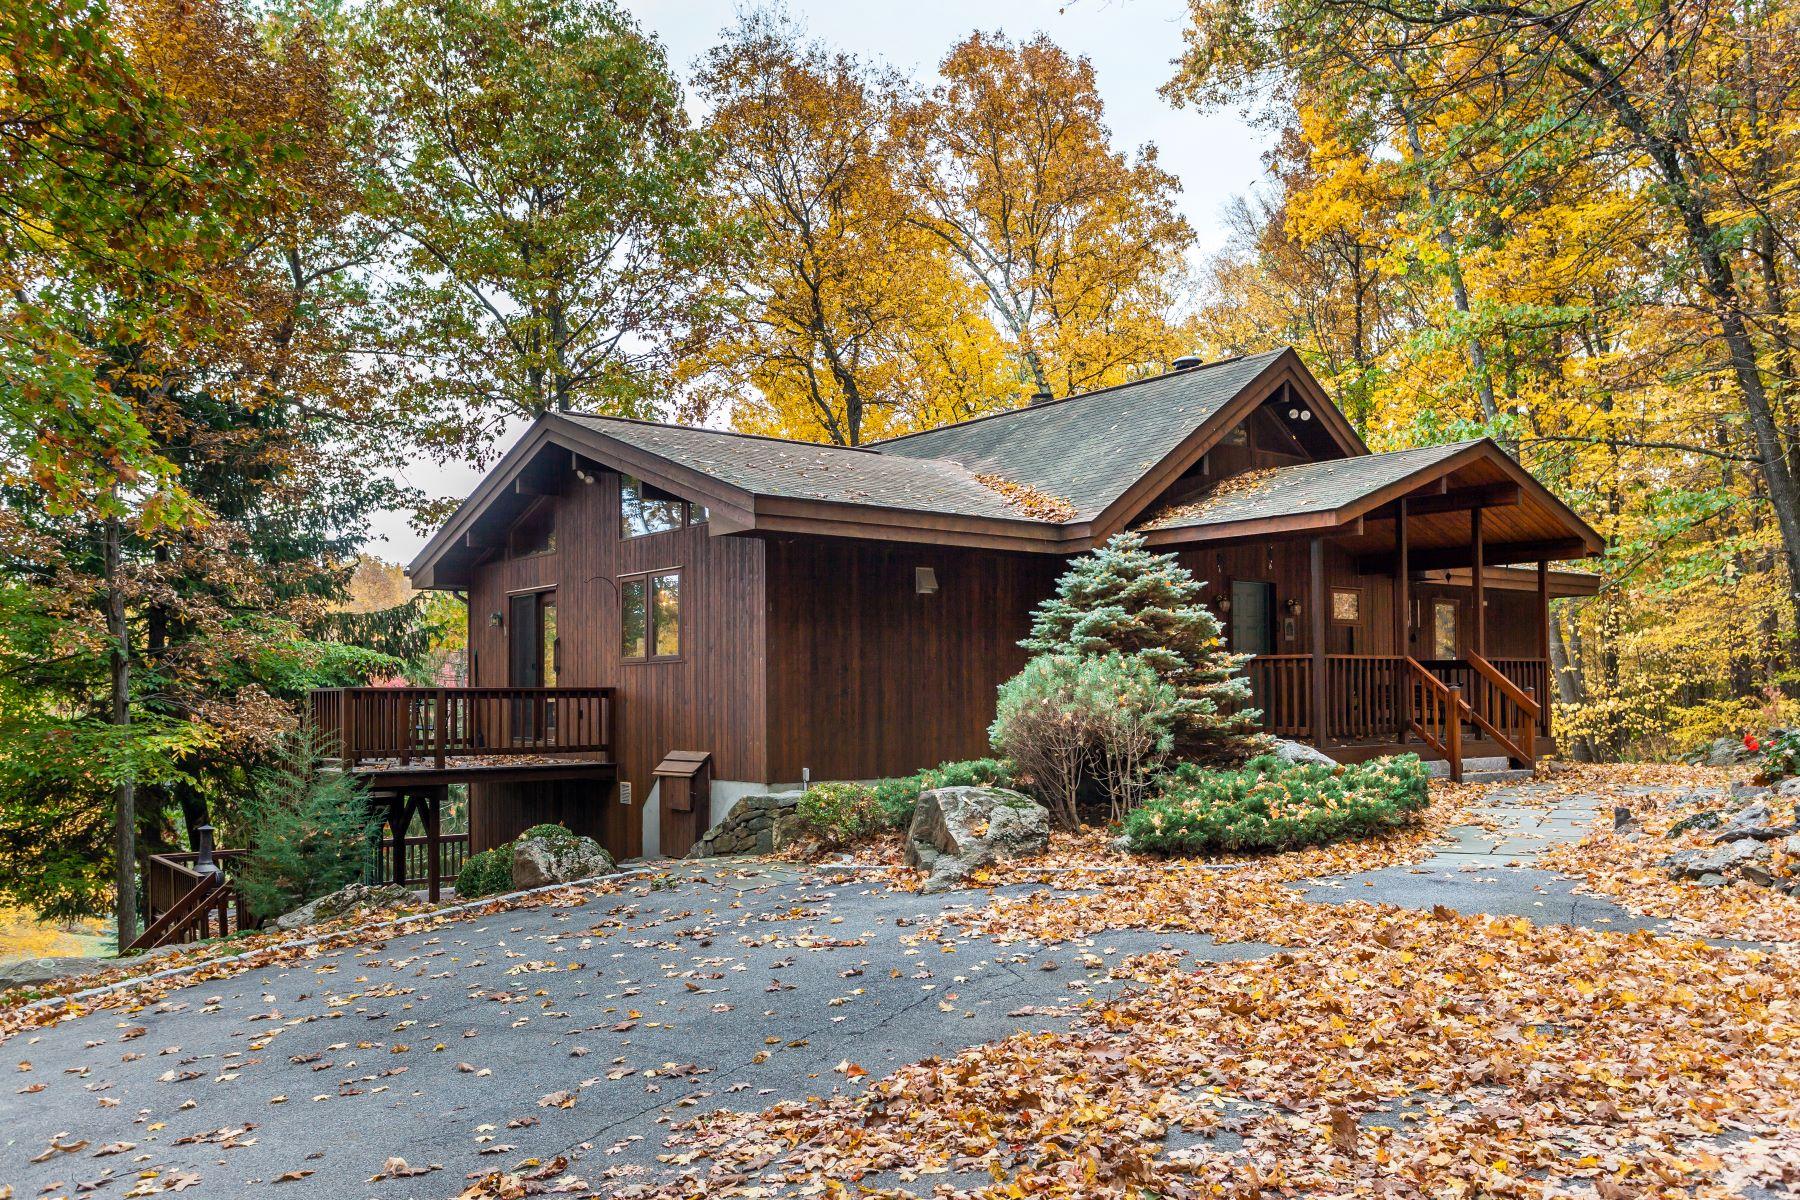 独户住宅 为 销售 在 Beautiful Lindal Cedar Home 82 Route 37 South 谢尔曼, 康涅狄格州 06784 美国